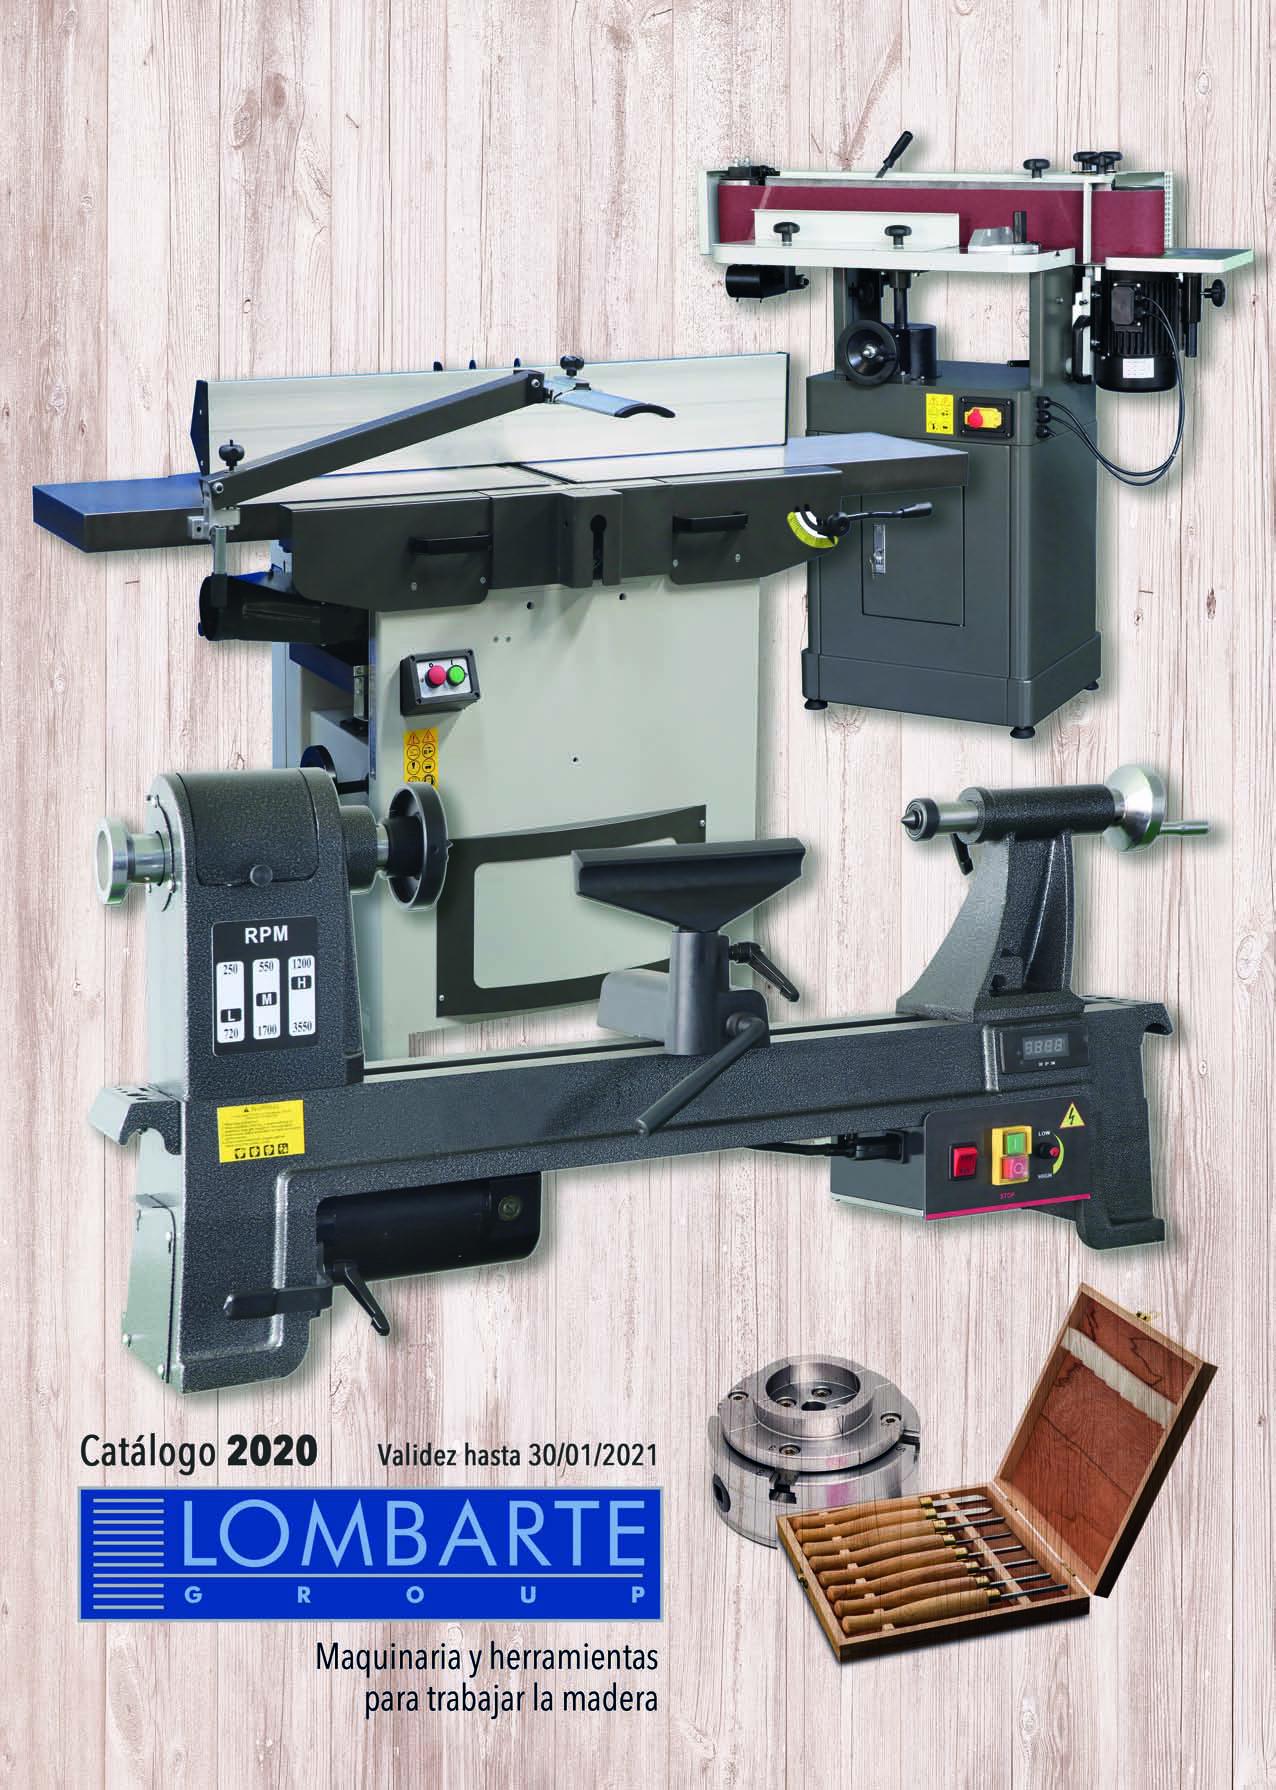 Lombarte - Catálogo 2020